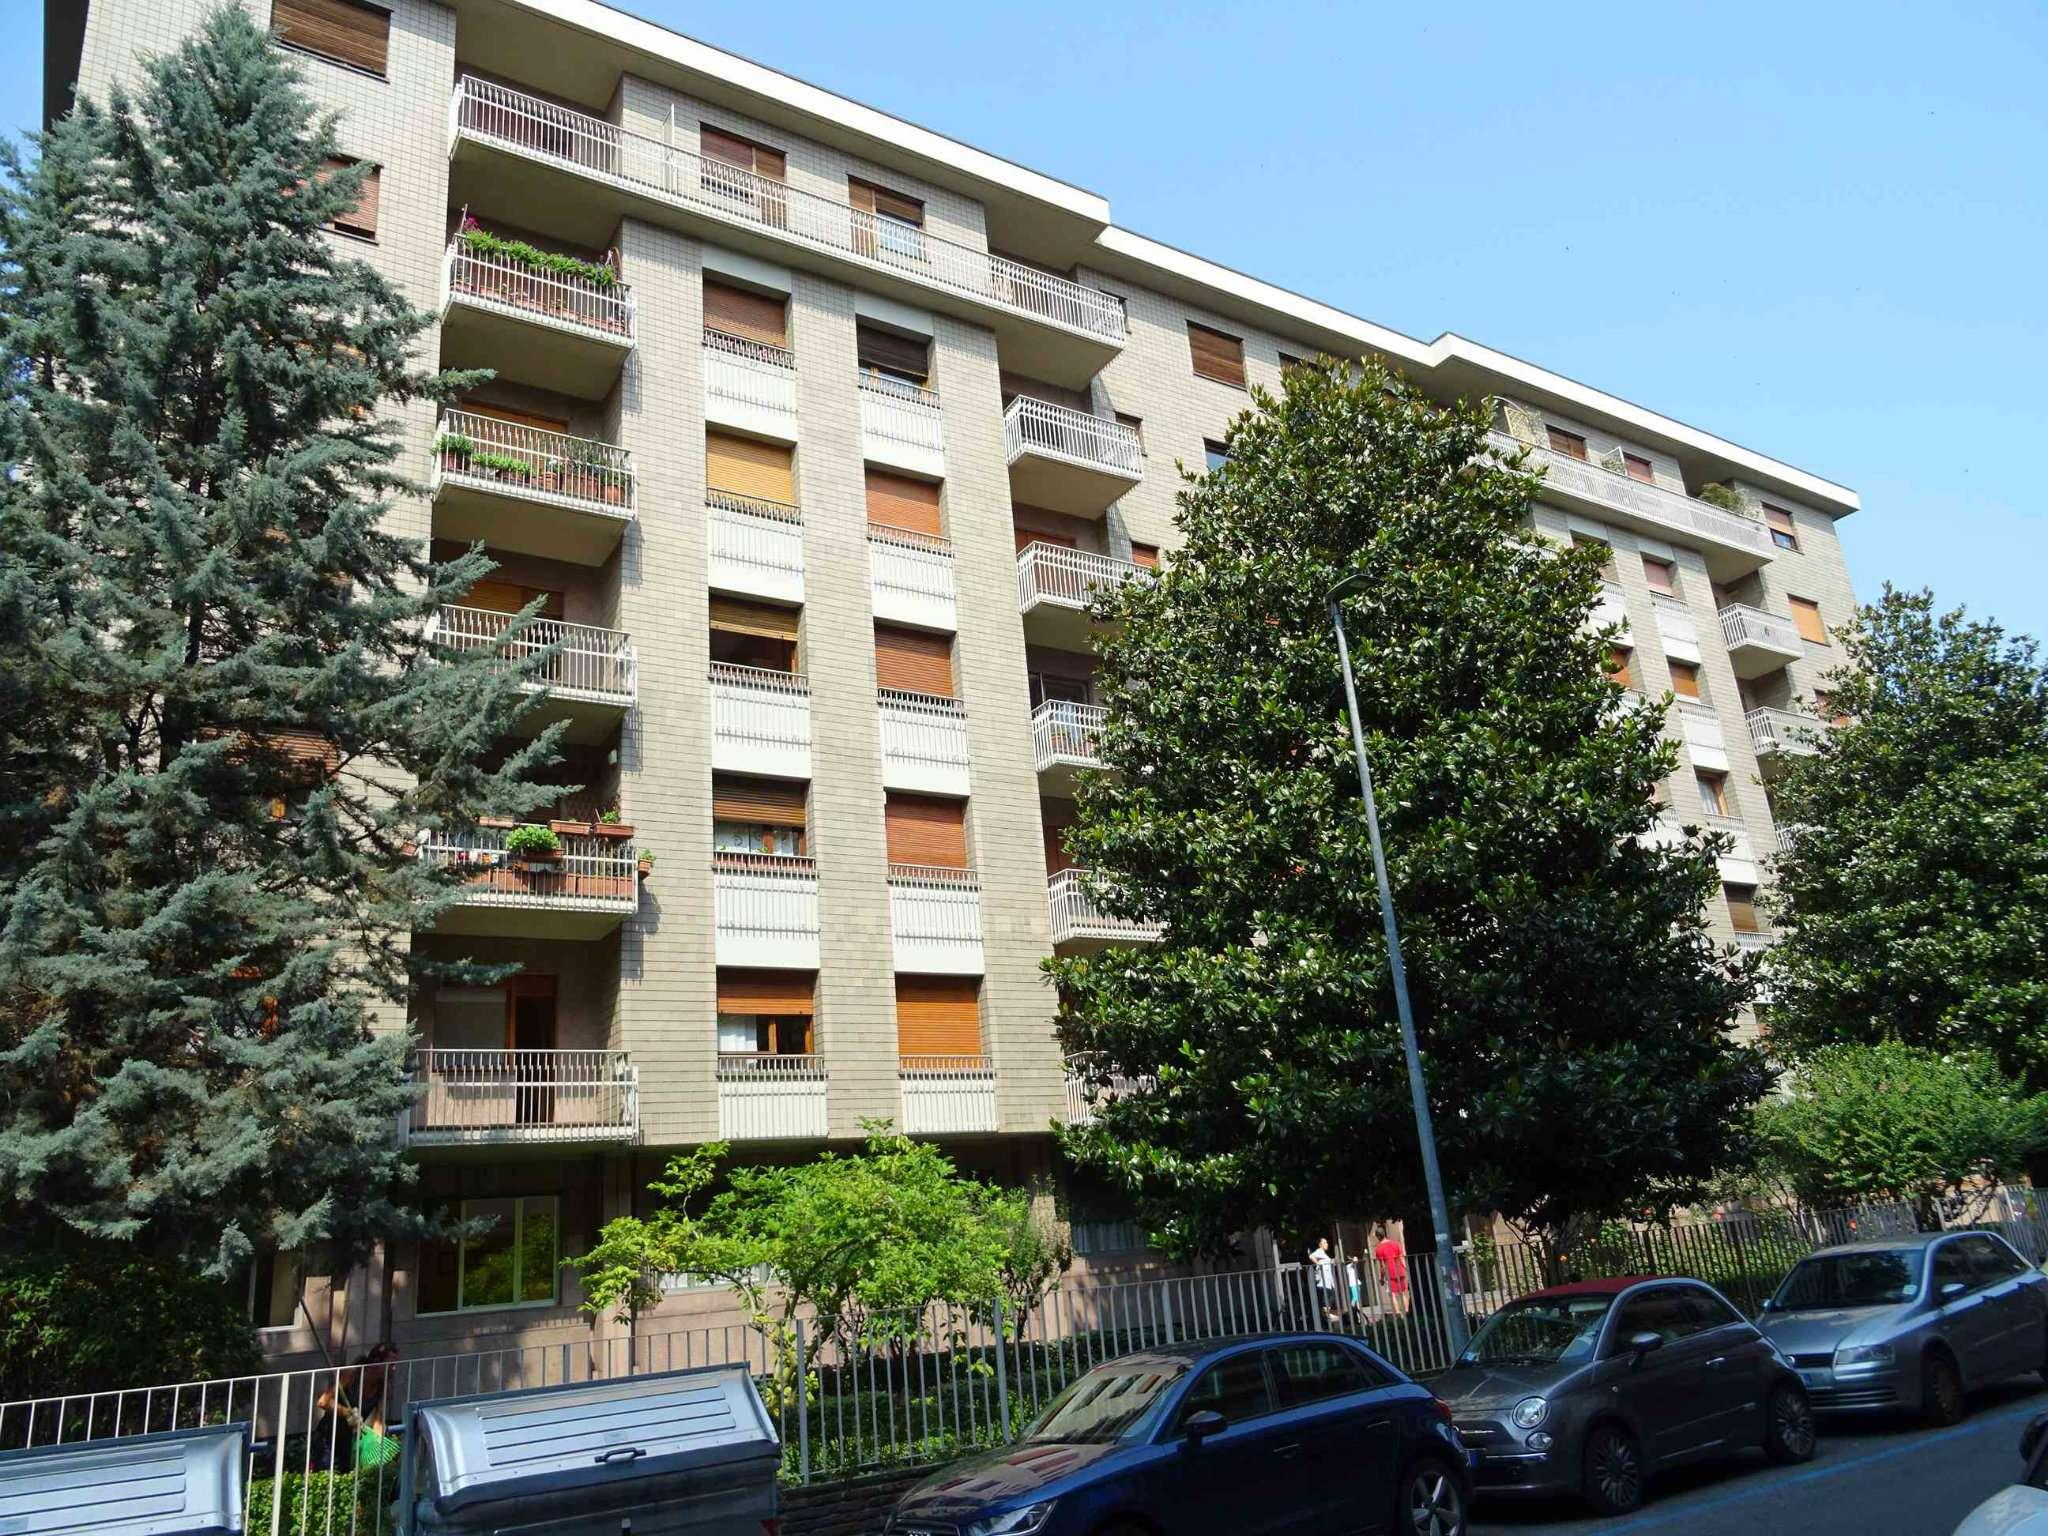 Immagine immobiliare Appartamento in condominio signorile Via Palmieri, a pochi metri da Corso Francia, in un edificio signorile del 1970, proponiamo un appartamento da ristrutturare composto da doppio ingresso, salone da 40 mq circa, cucina abitabile,...